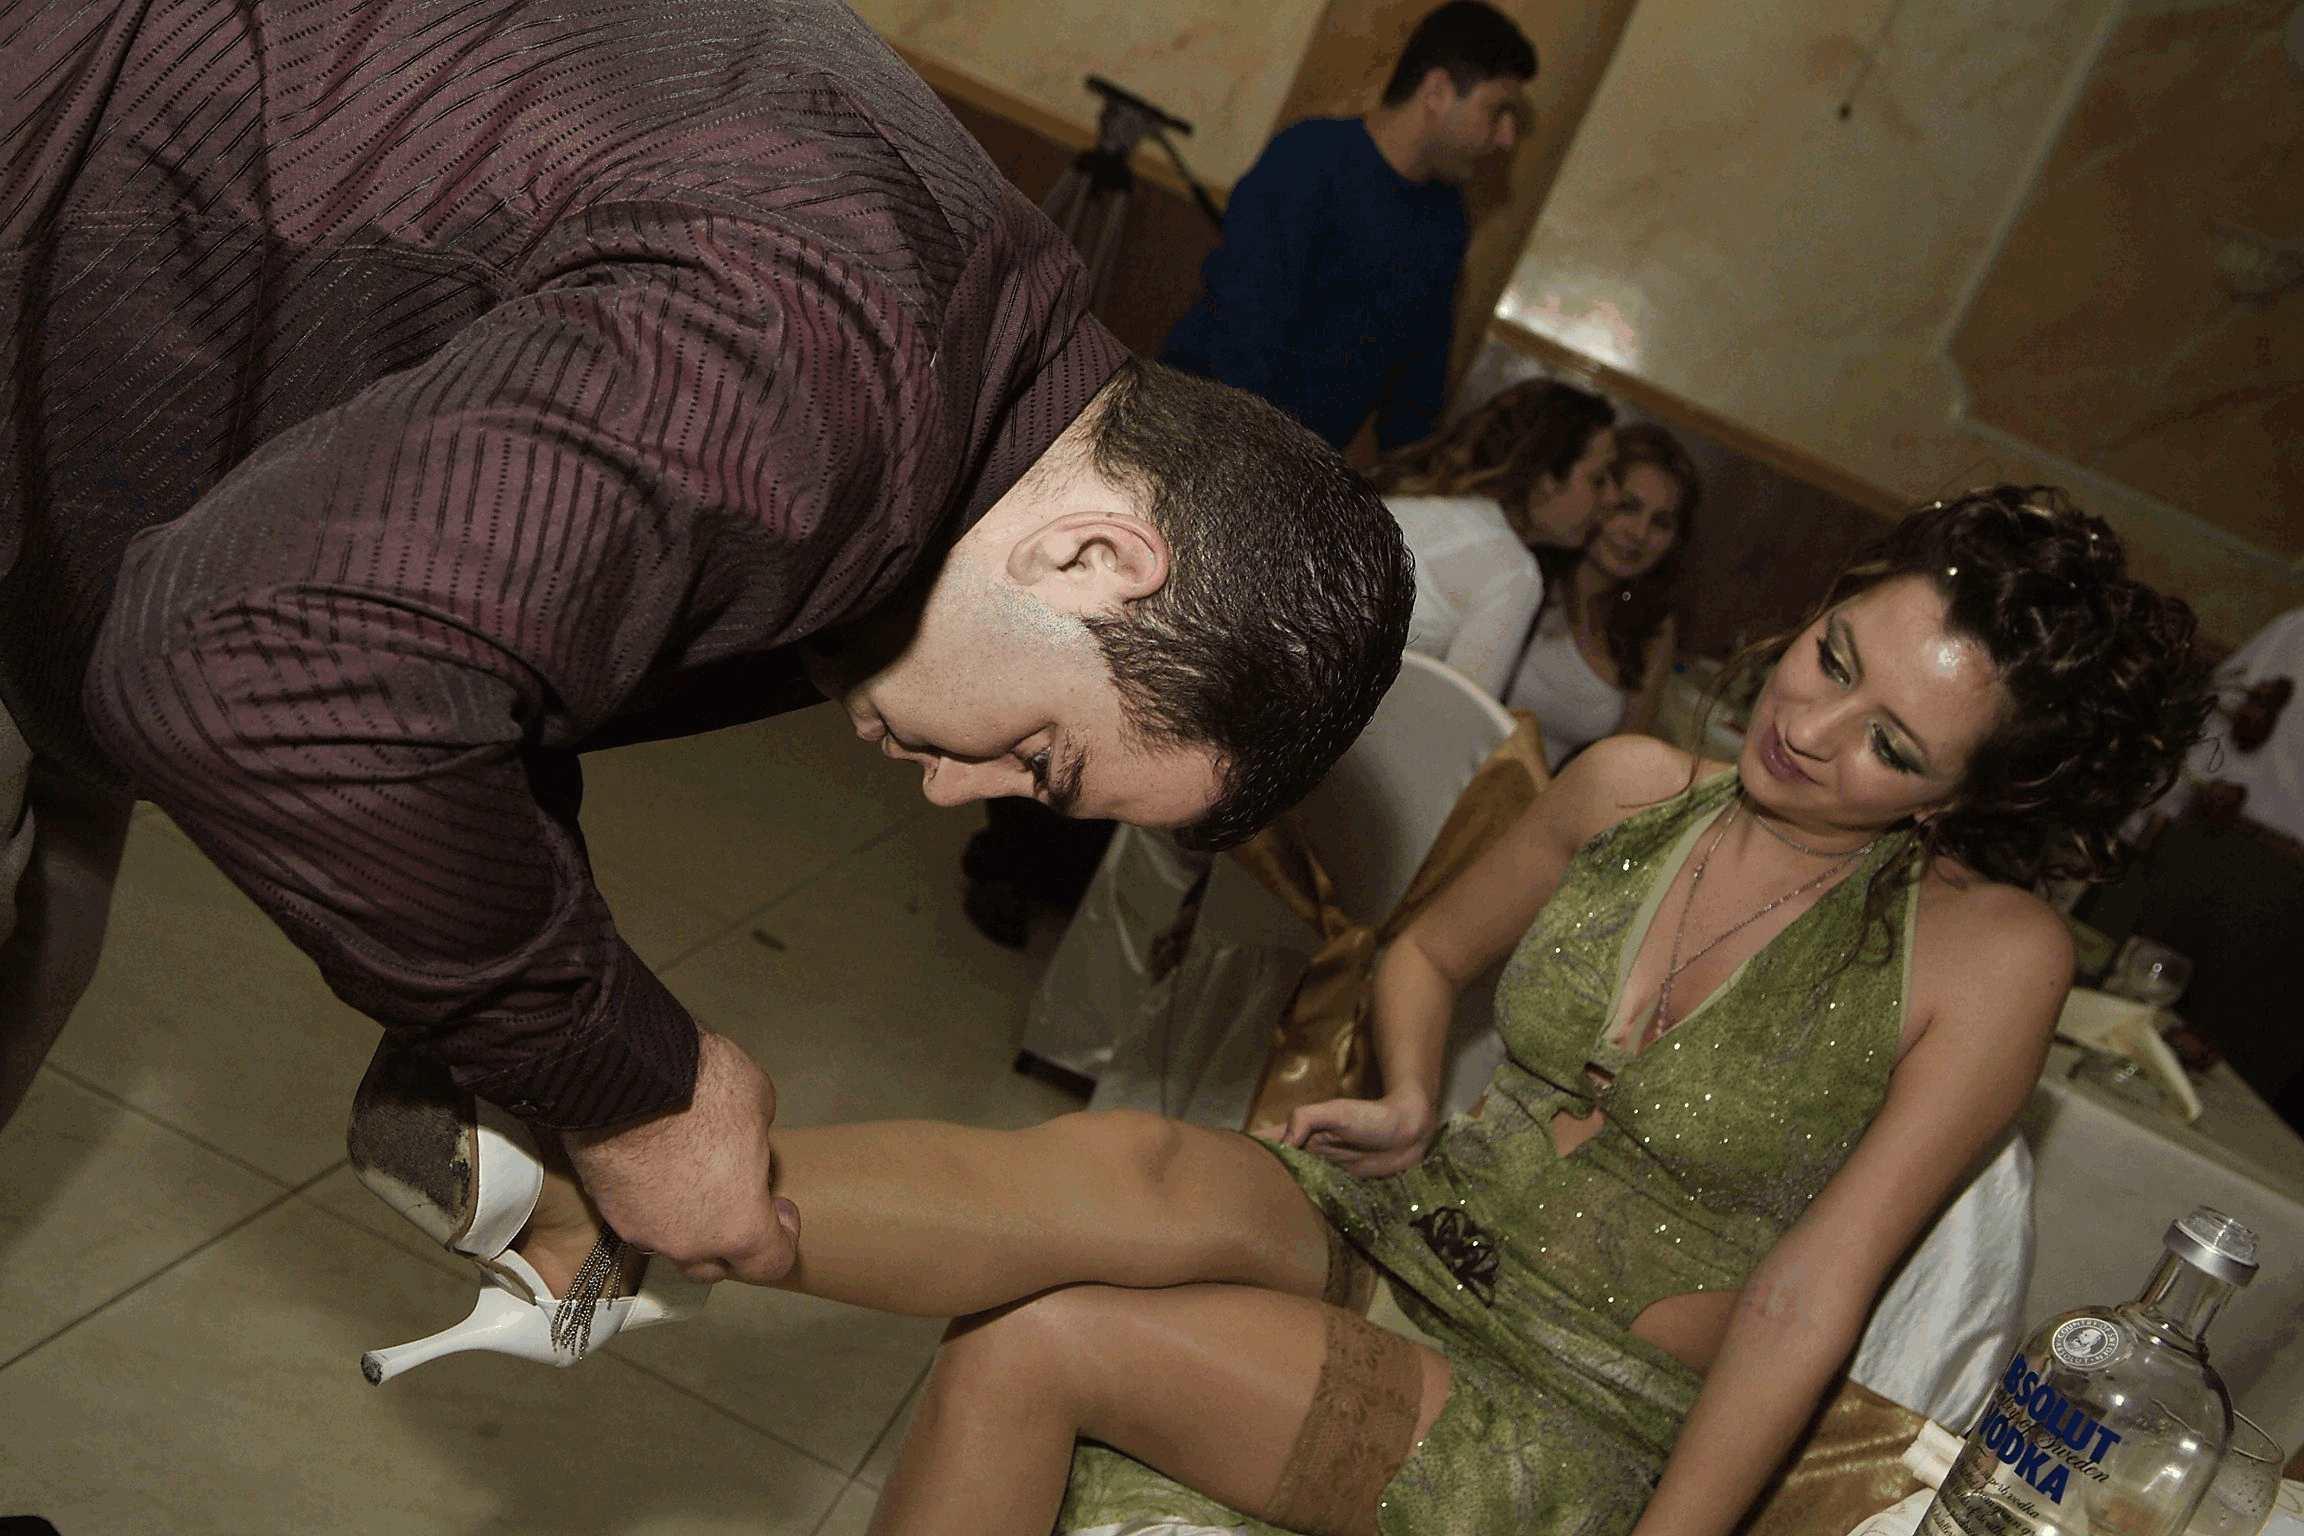 Эротика под юбкой невесты 14 фотография